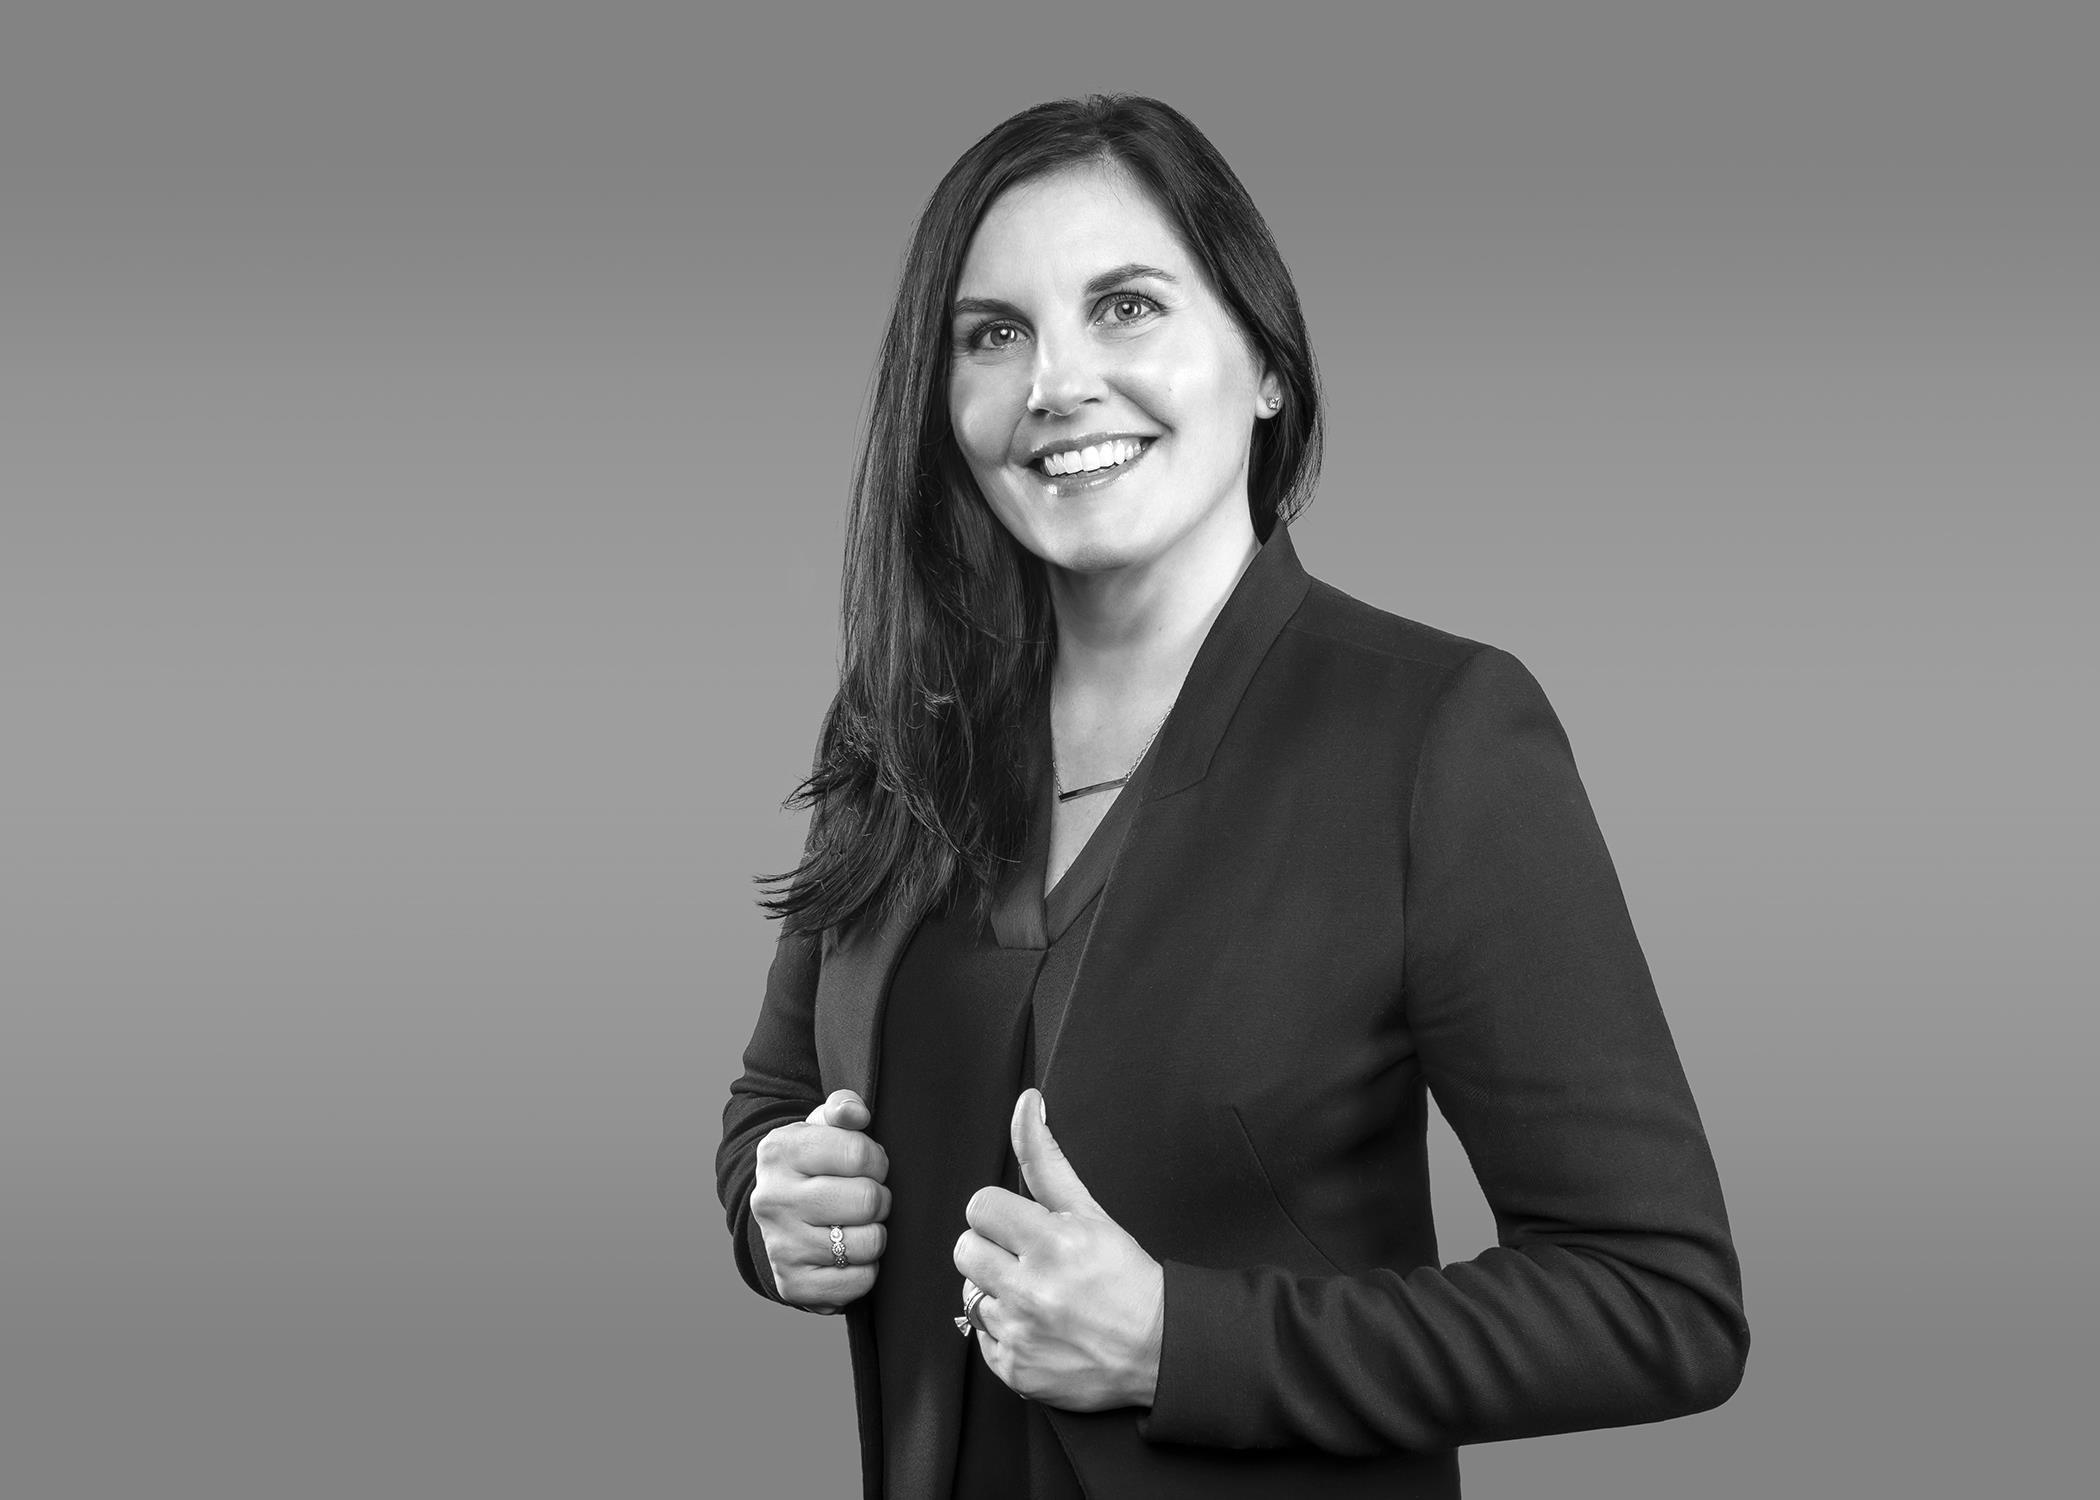 Nicole Souza